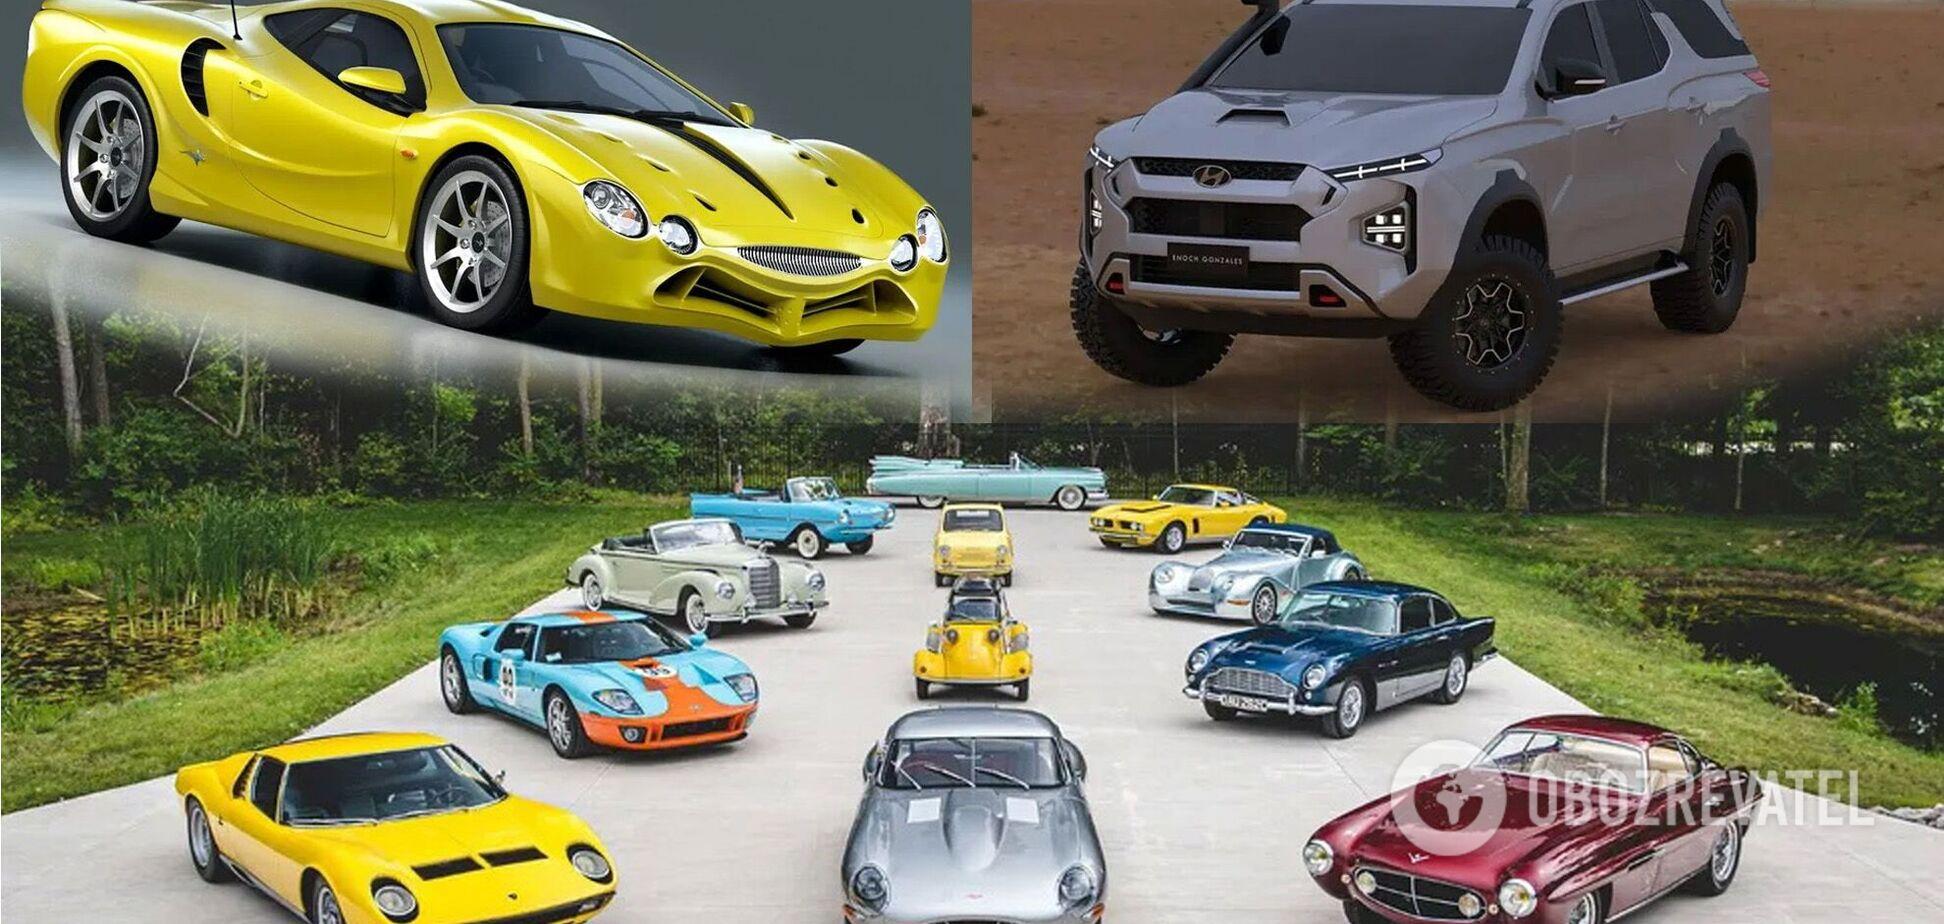 Колекція ретро за $ 44 млн, авто за ціною iPhone 12, конкуренти Land Cruiser: дайджест тижні